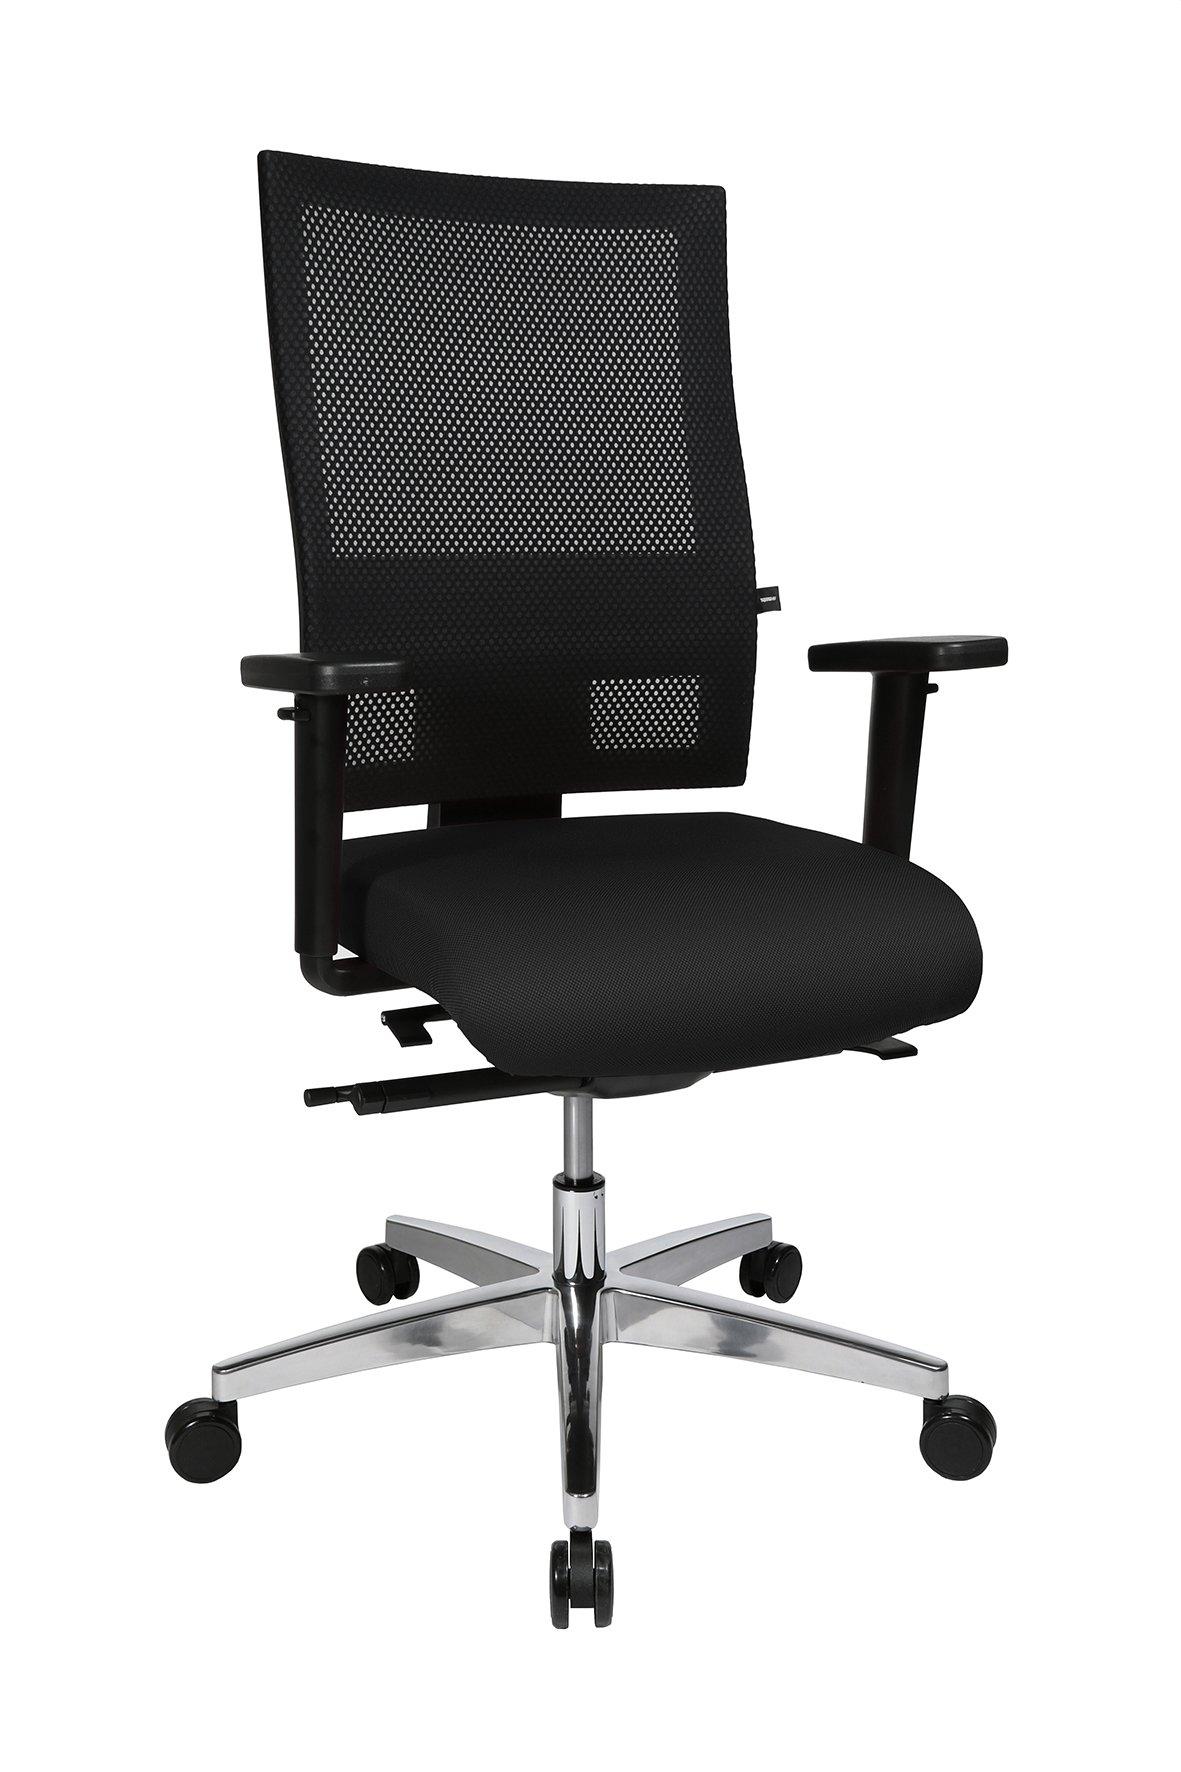 Drehstuhl Sitness Profi 200,schwarz,Aluminium